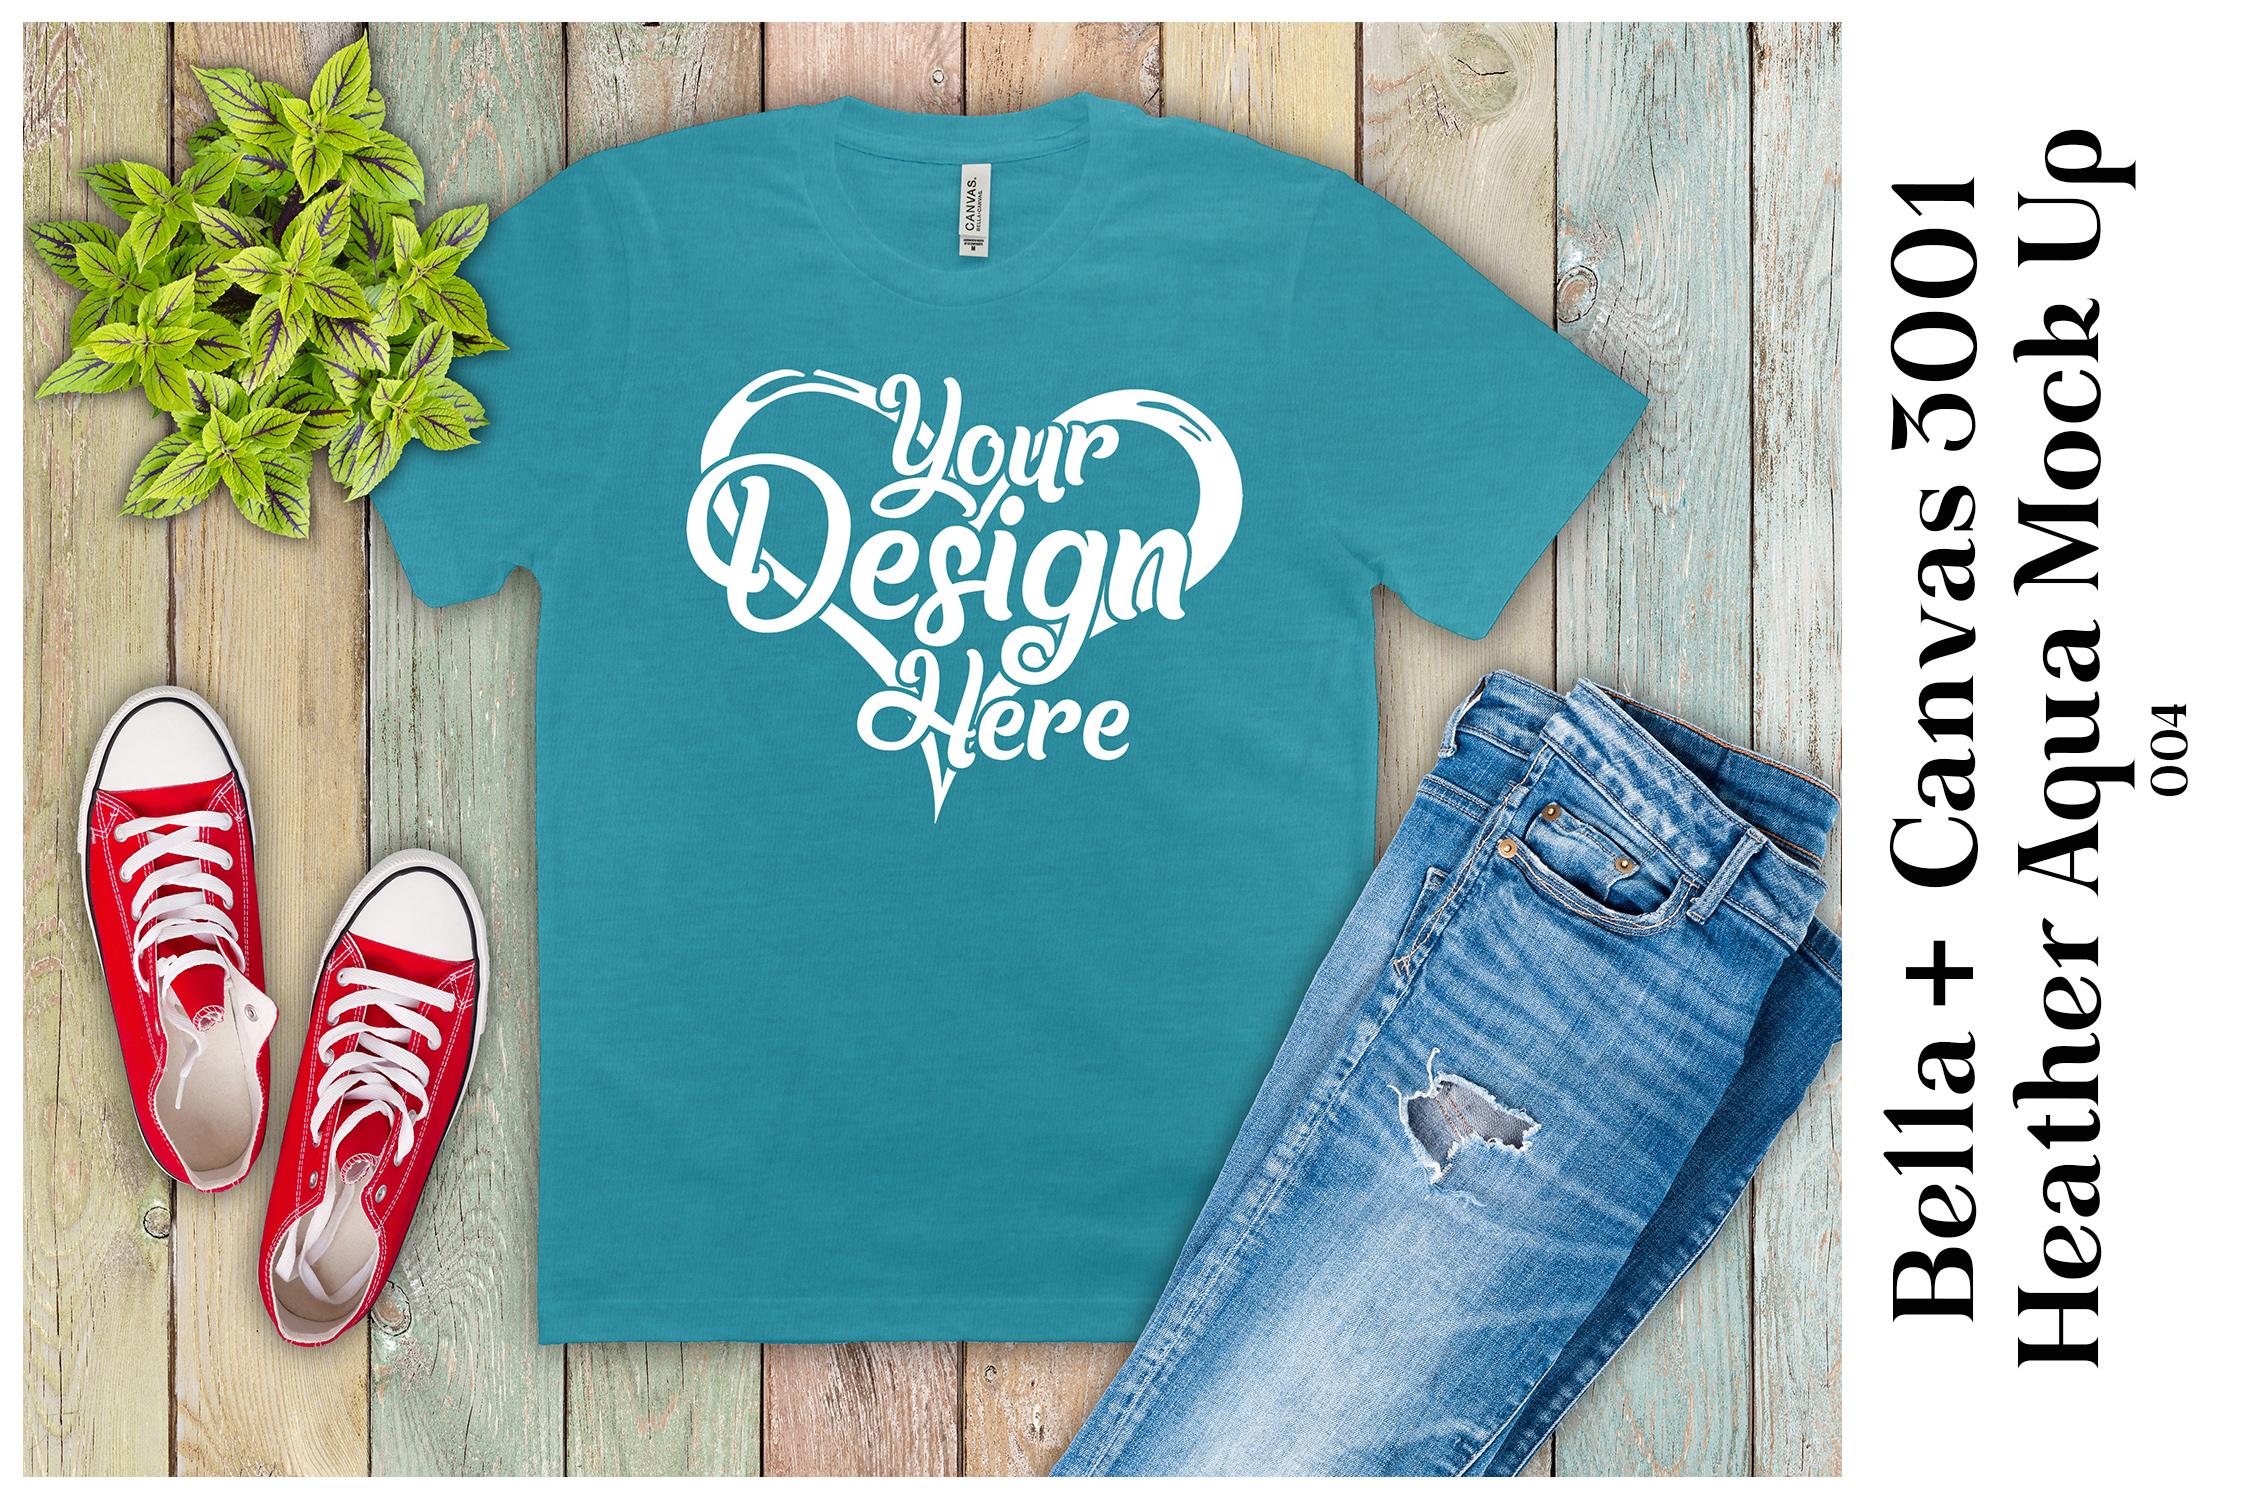 Mens T-Shirt Mockup Heather Aqua Bella Canvas 3001 Mock Up example image 1